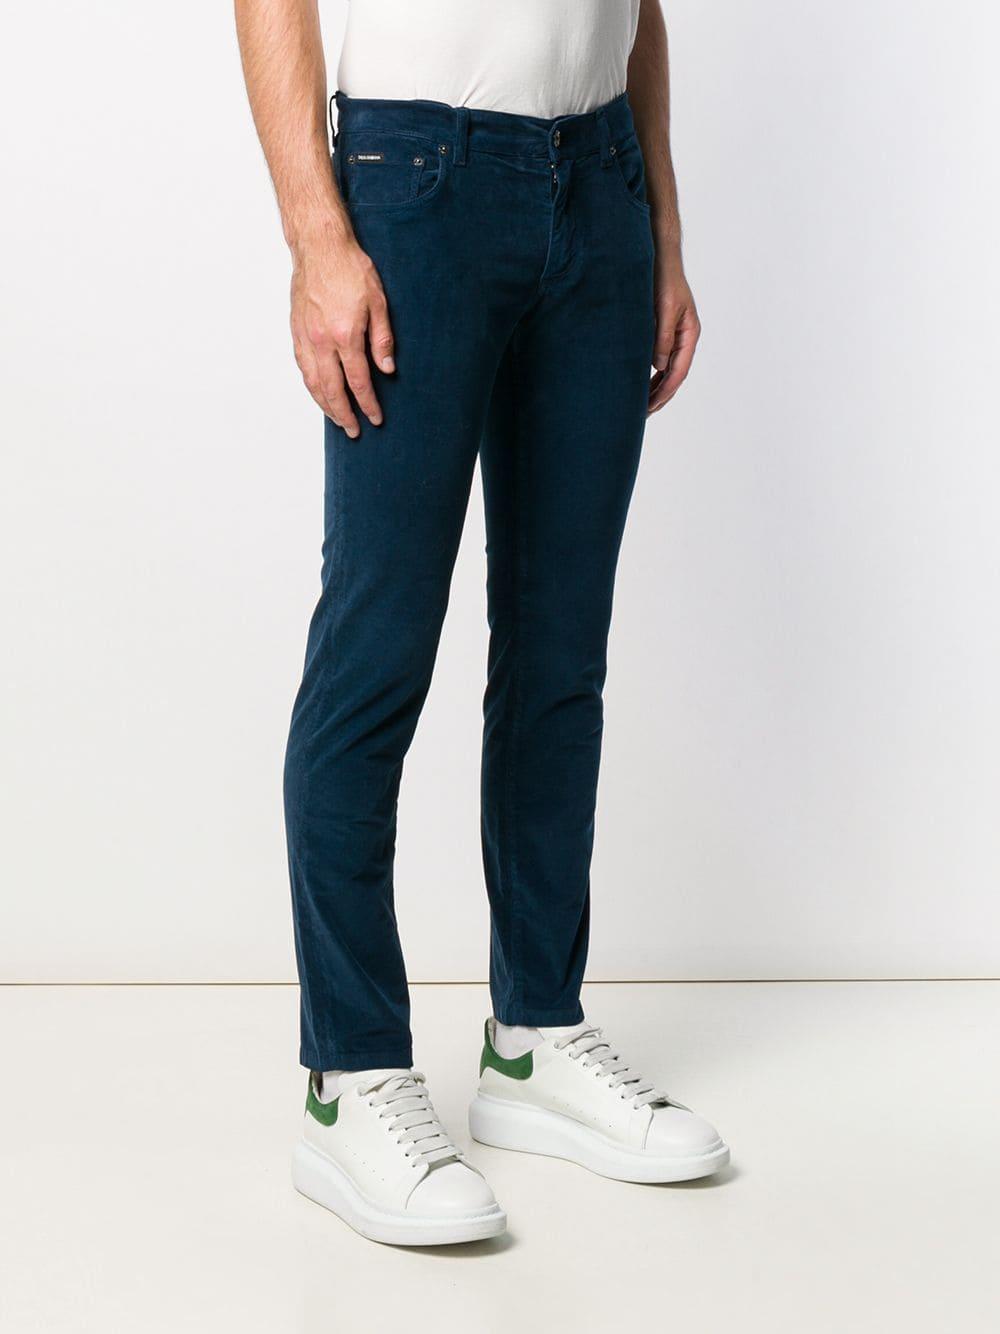 Dolce & Gabbana Katoen Straight Broek in het Blauw voor heren